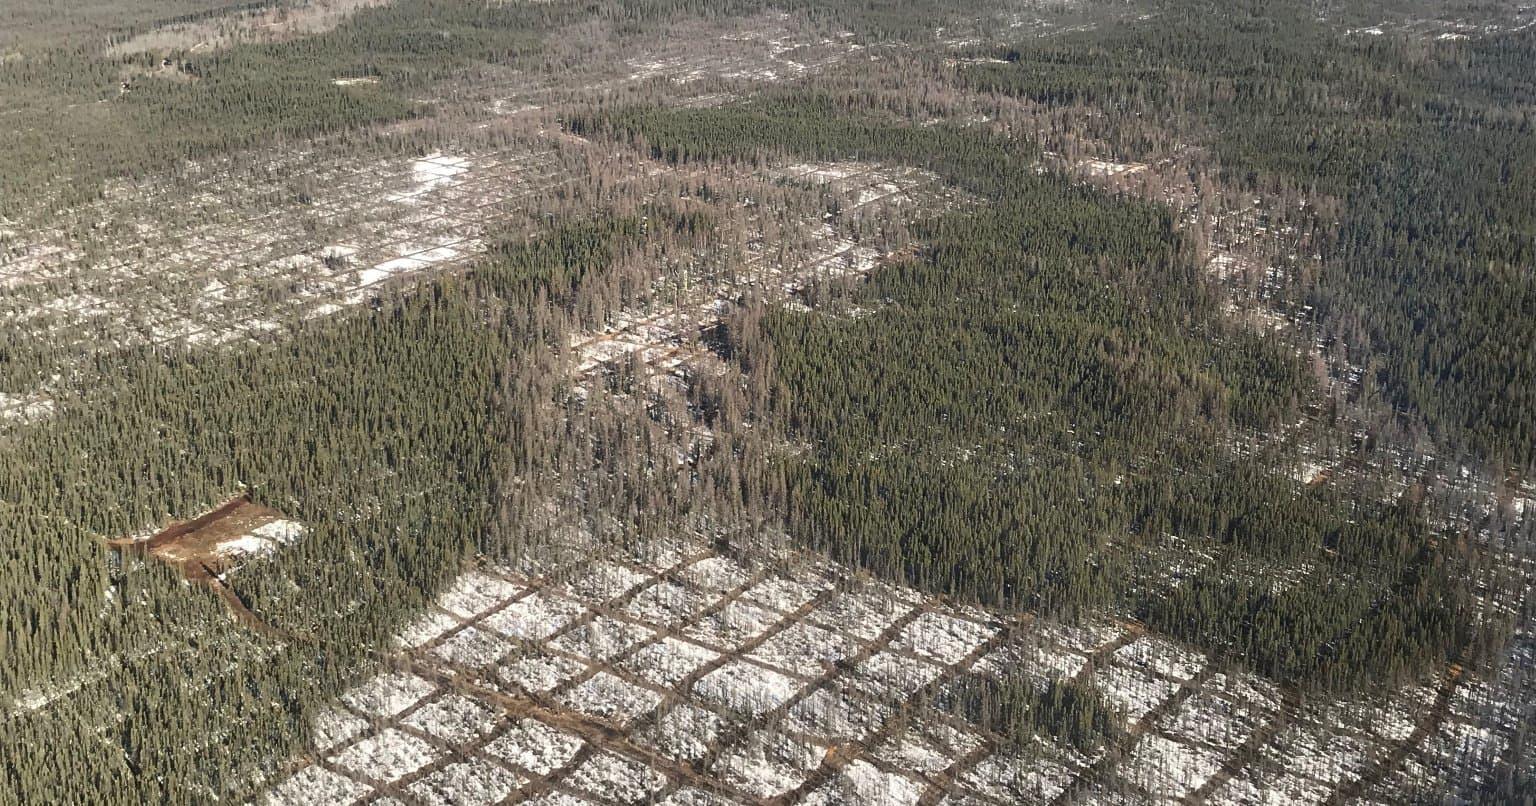 Photo aérienne de lignes fraîchement coupées pour effectuer une exploration sismique dans le nord de l'Alberta.